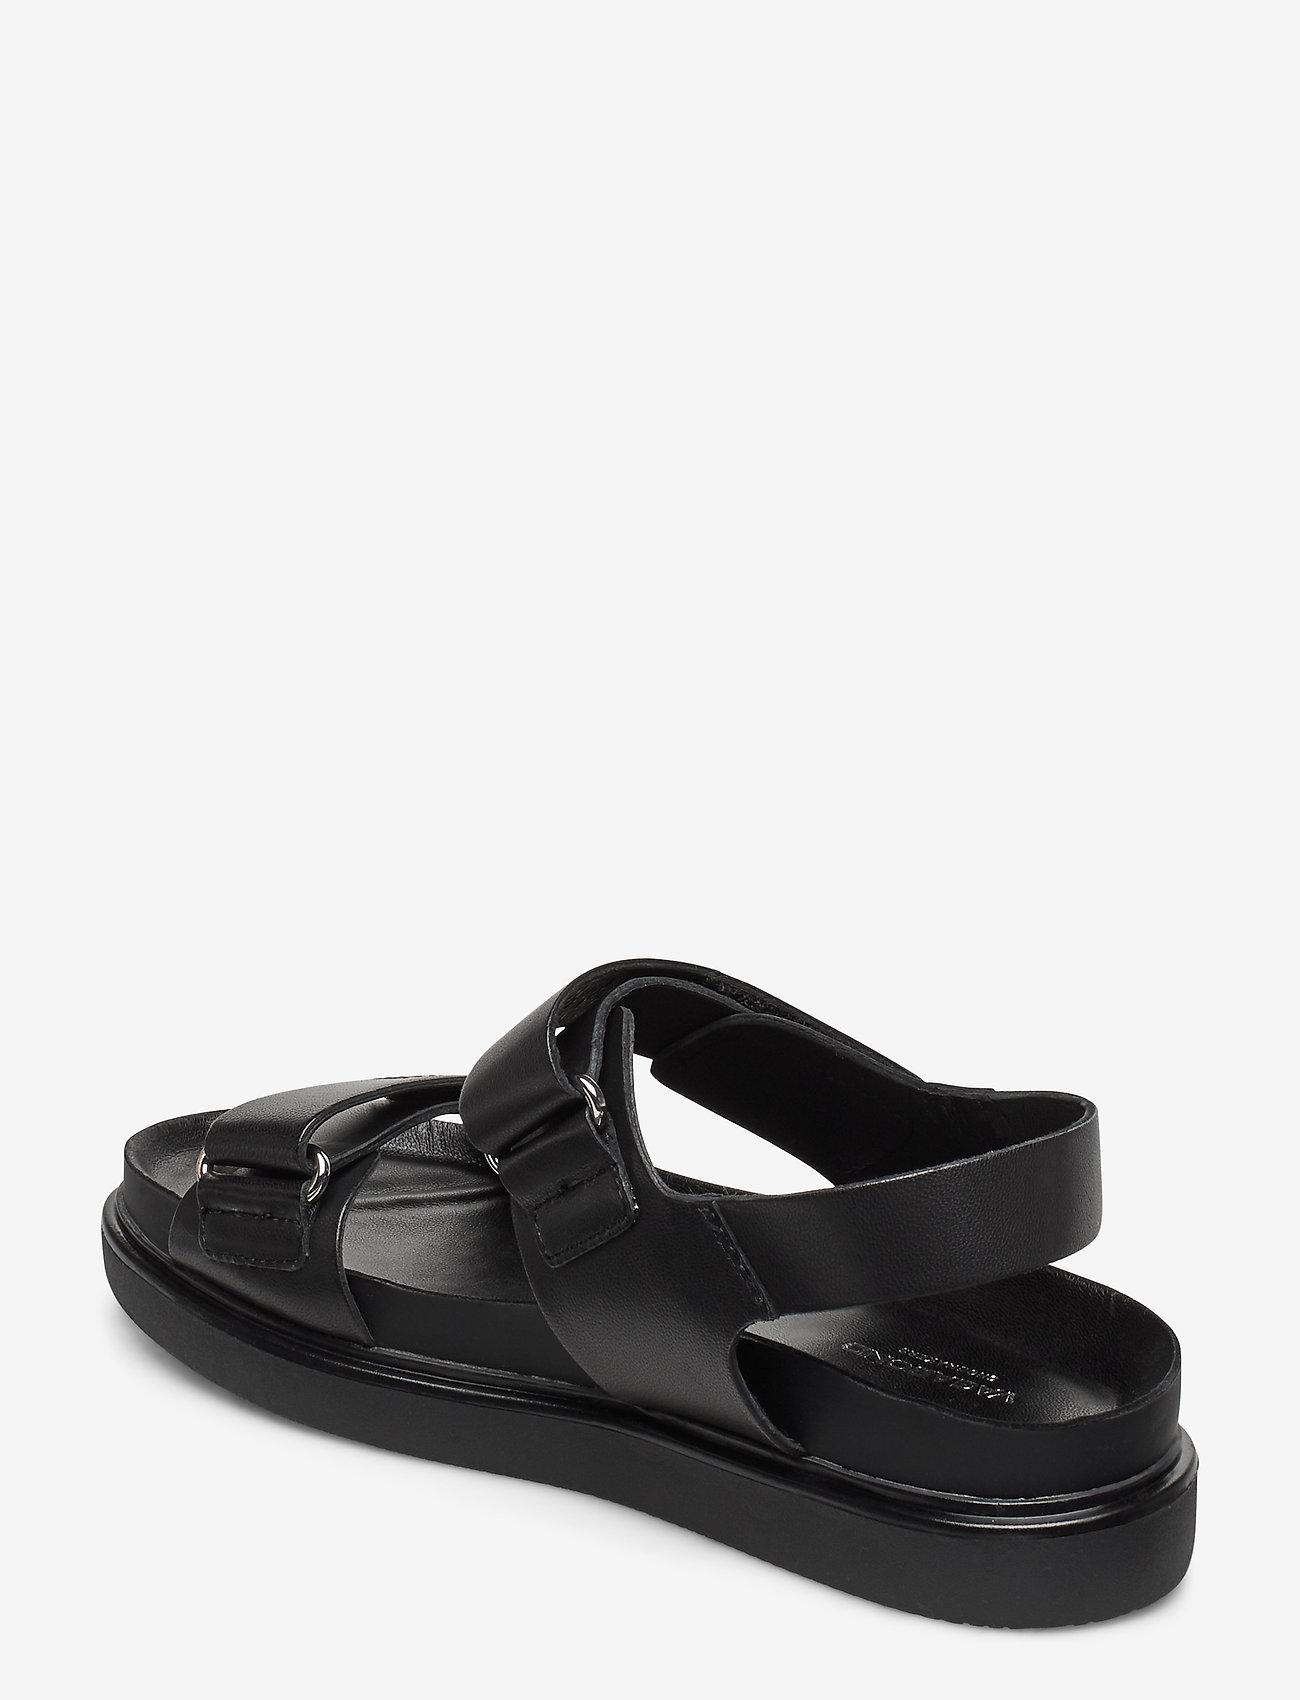 VAGABOND - ERIN - płaskie sandały - black - 2